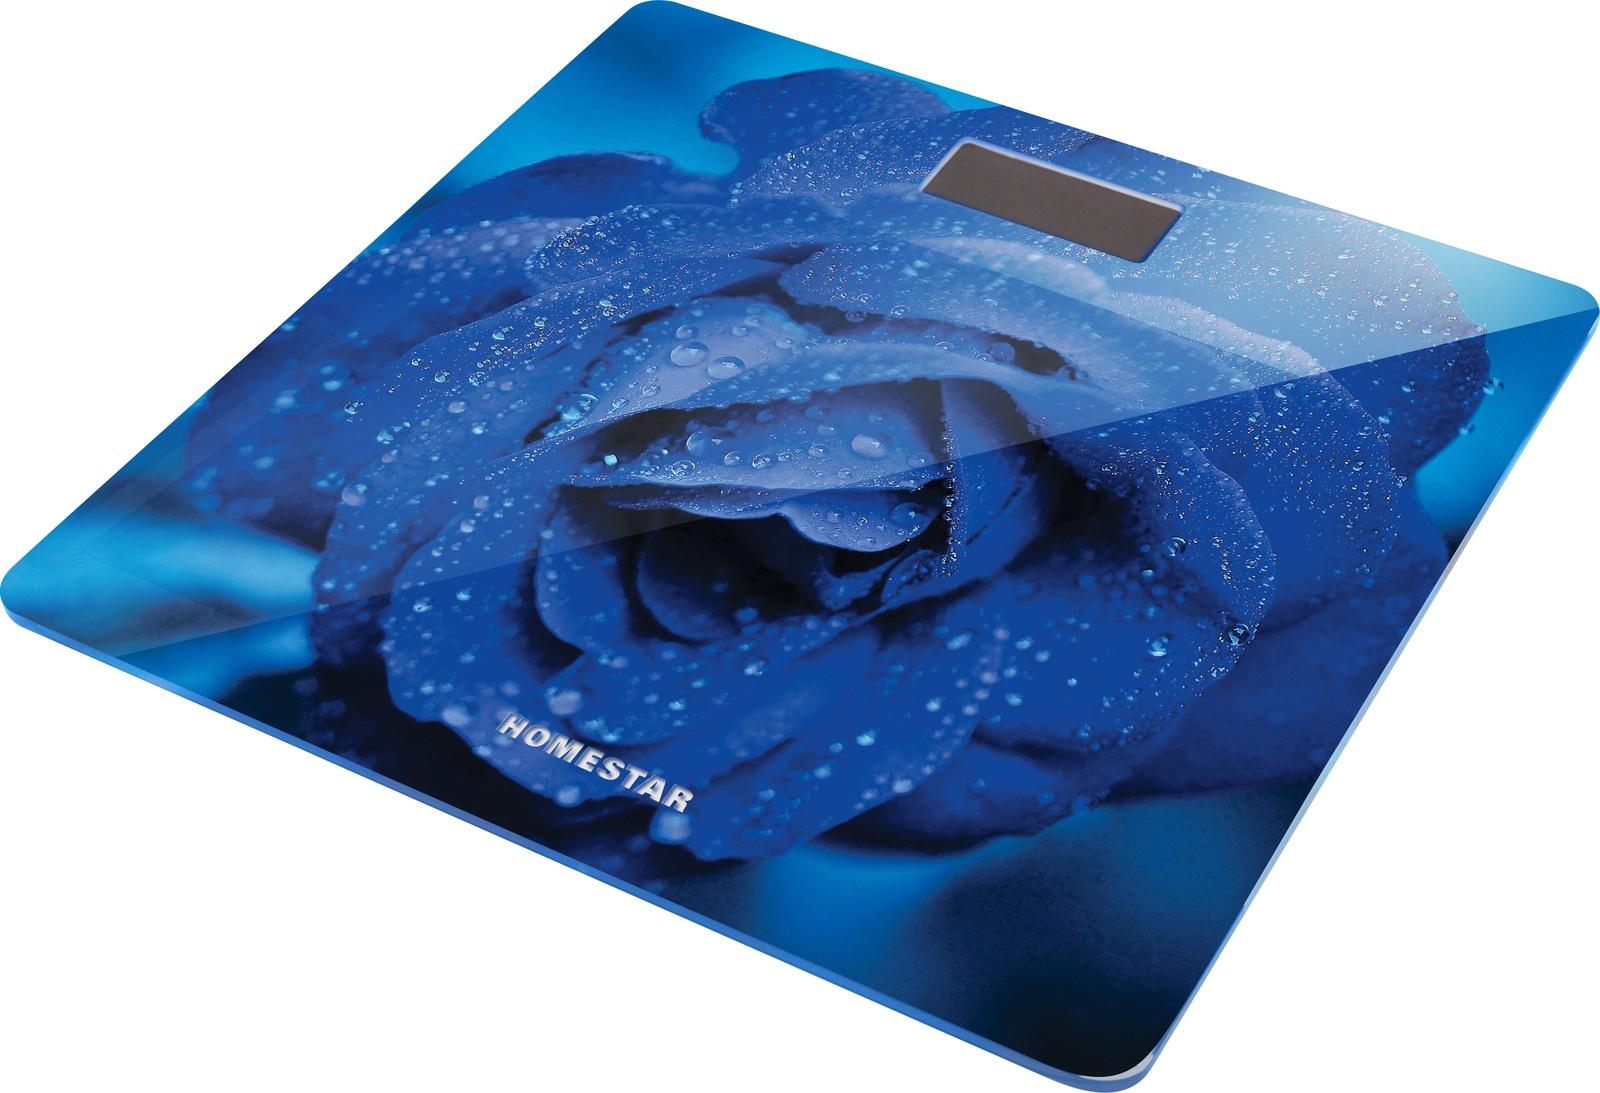 лучшая цена Весы напольные HomeStar HS-6002C, 54 003949, электронные, синий